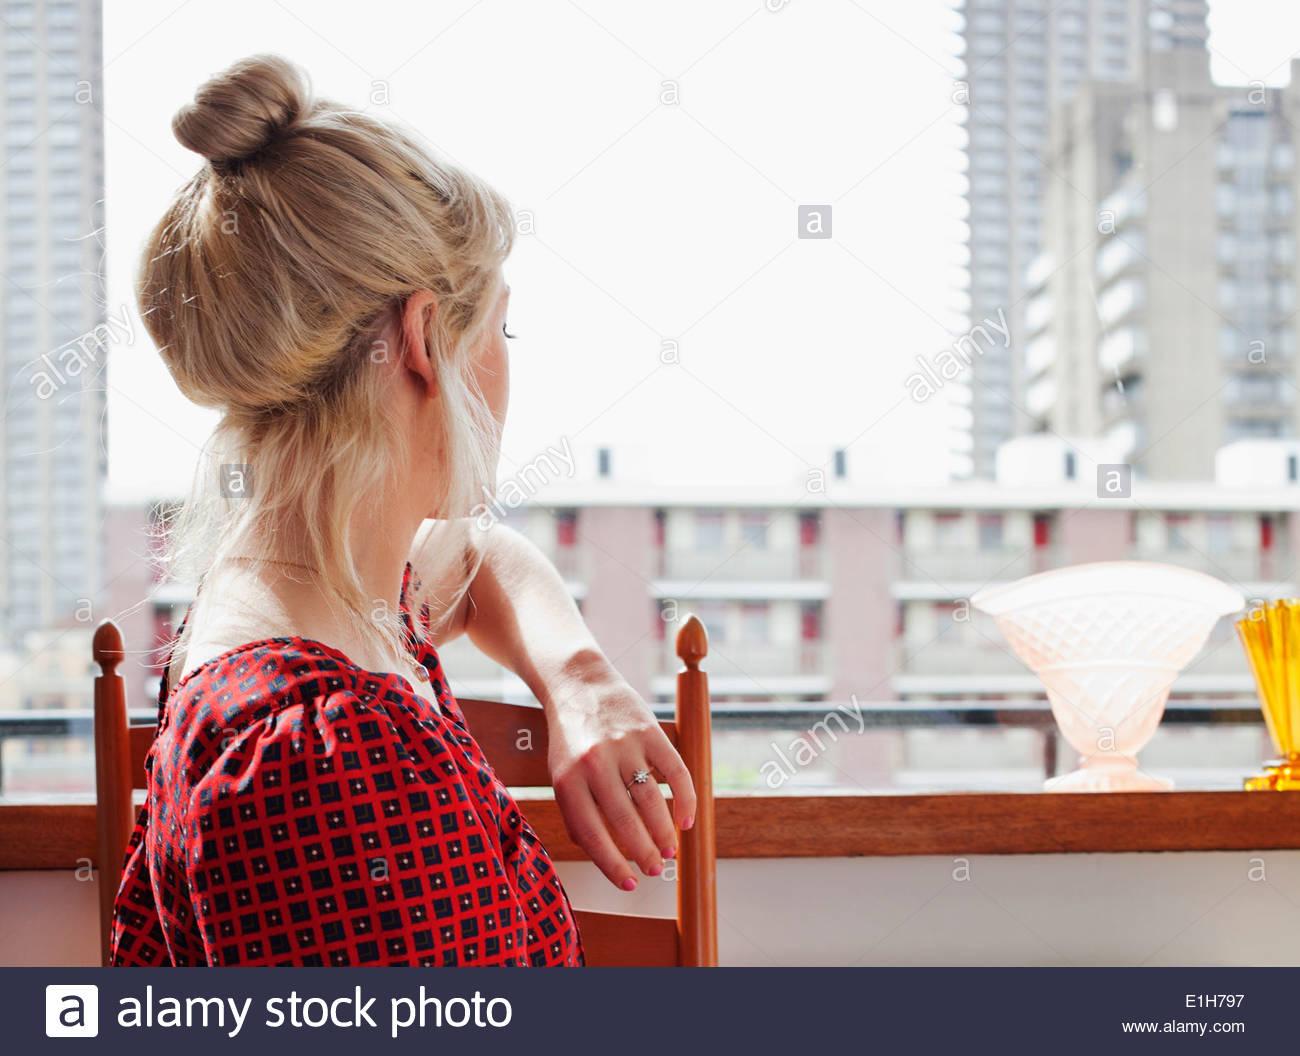 Mujer joven mirando hacia afuera de la ventana Imagen De Stock